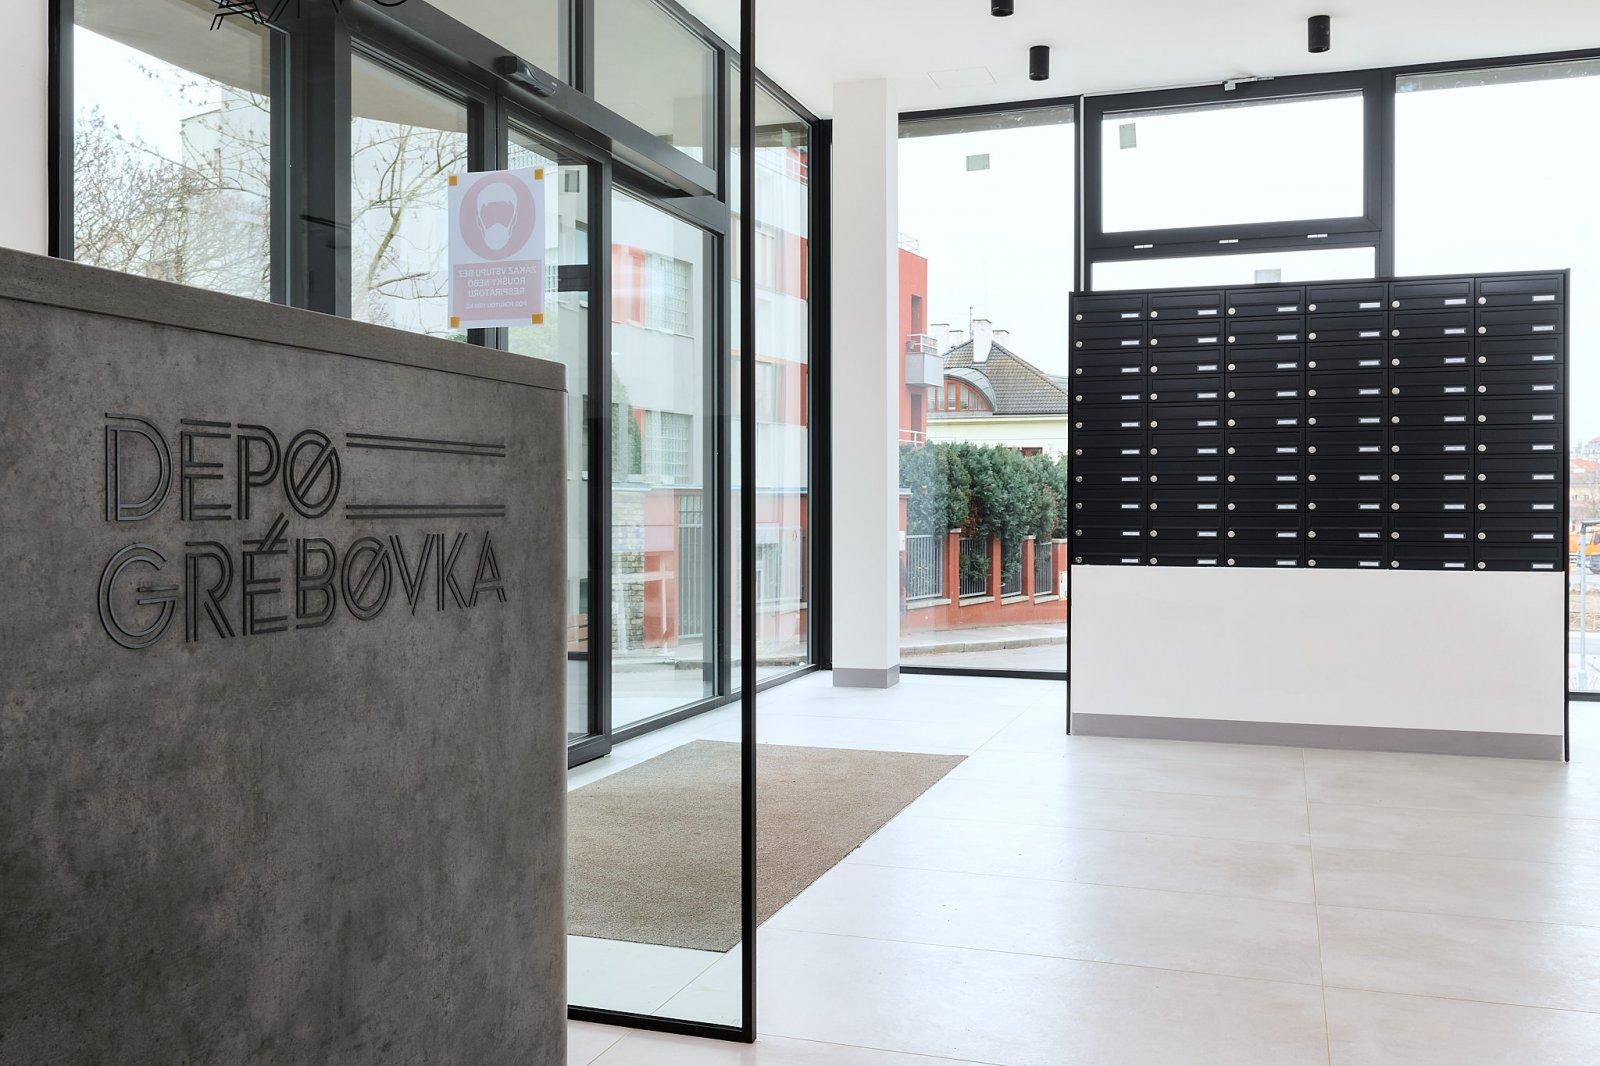 Grébovka - Galerie - content.777